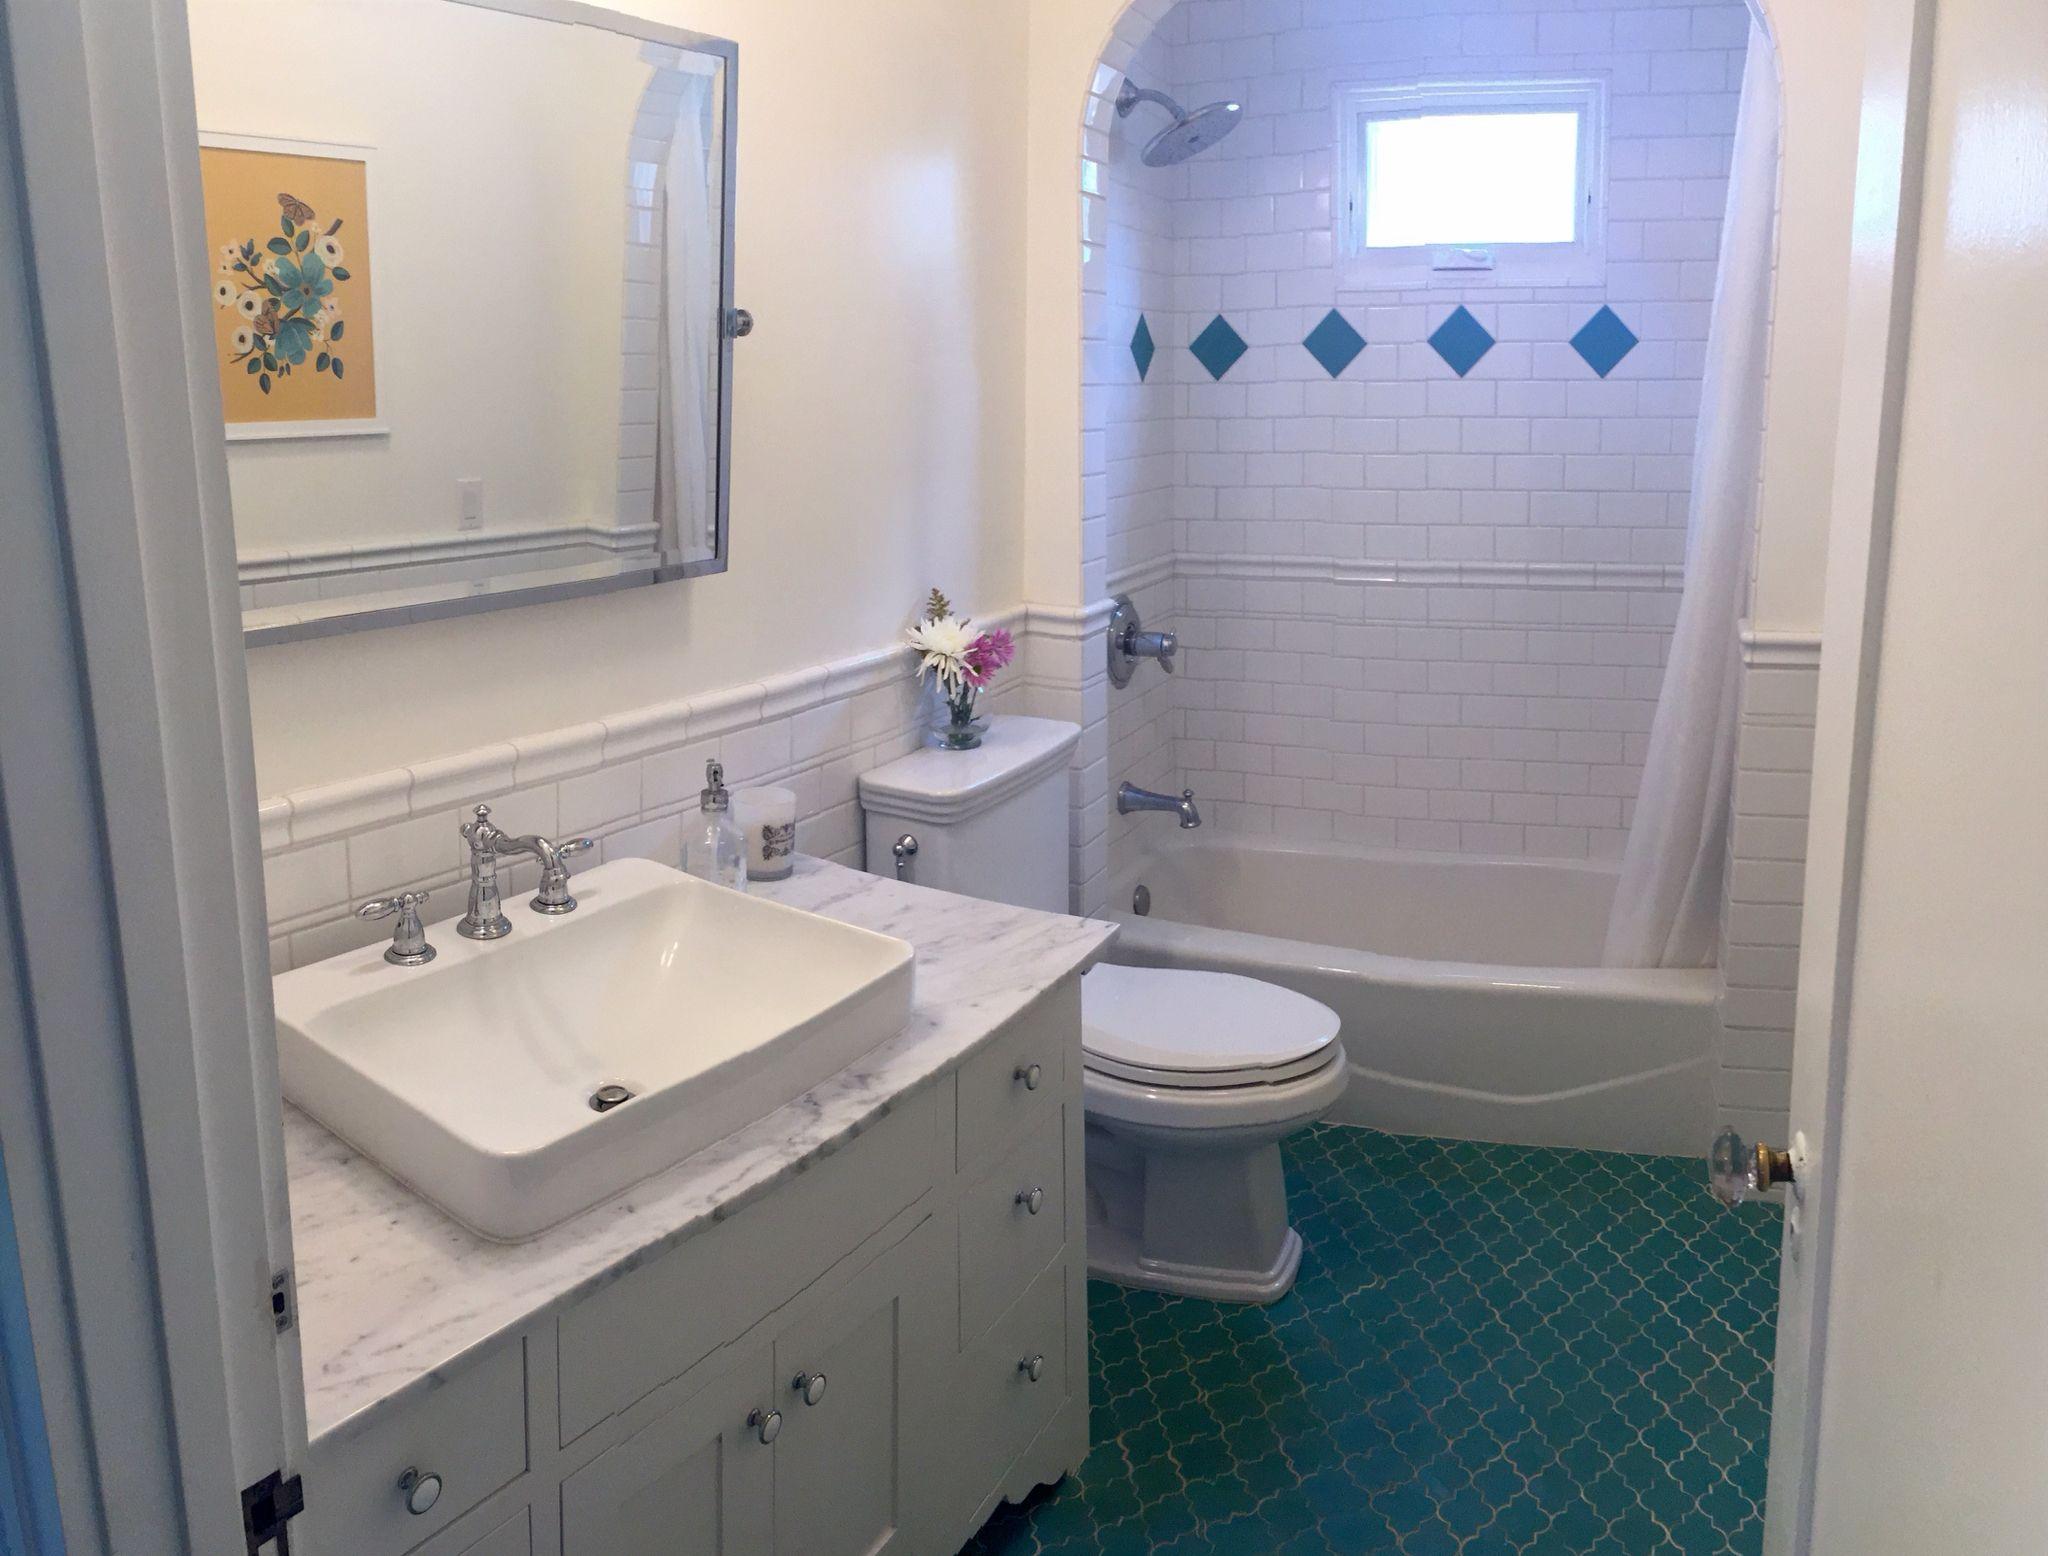 Bathroom Counter Carraramarble Faucet Delta